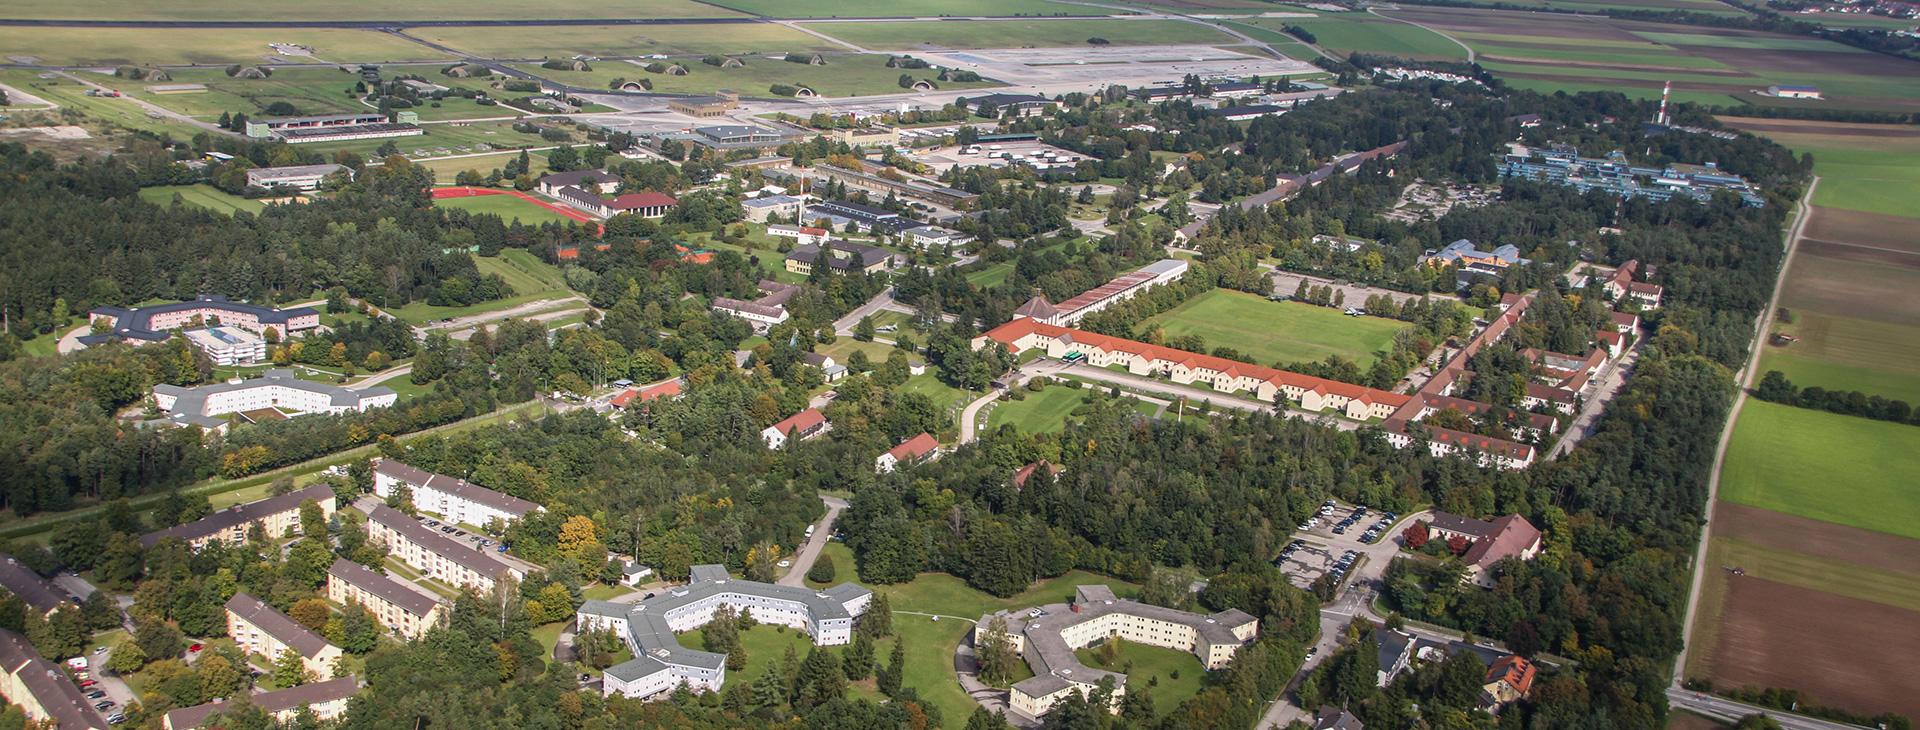 Areal Fliegerhorst Fürstenfeldbruck